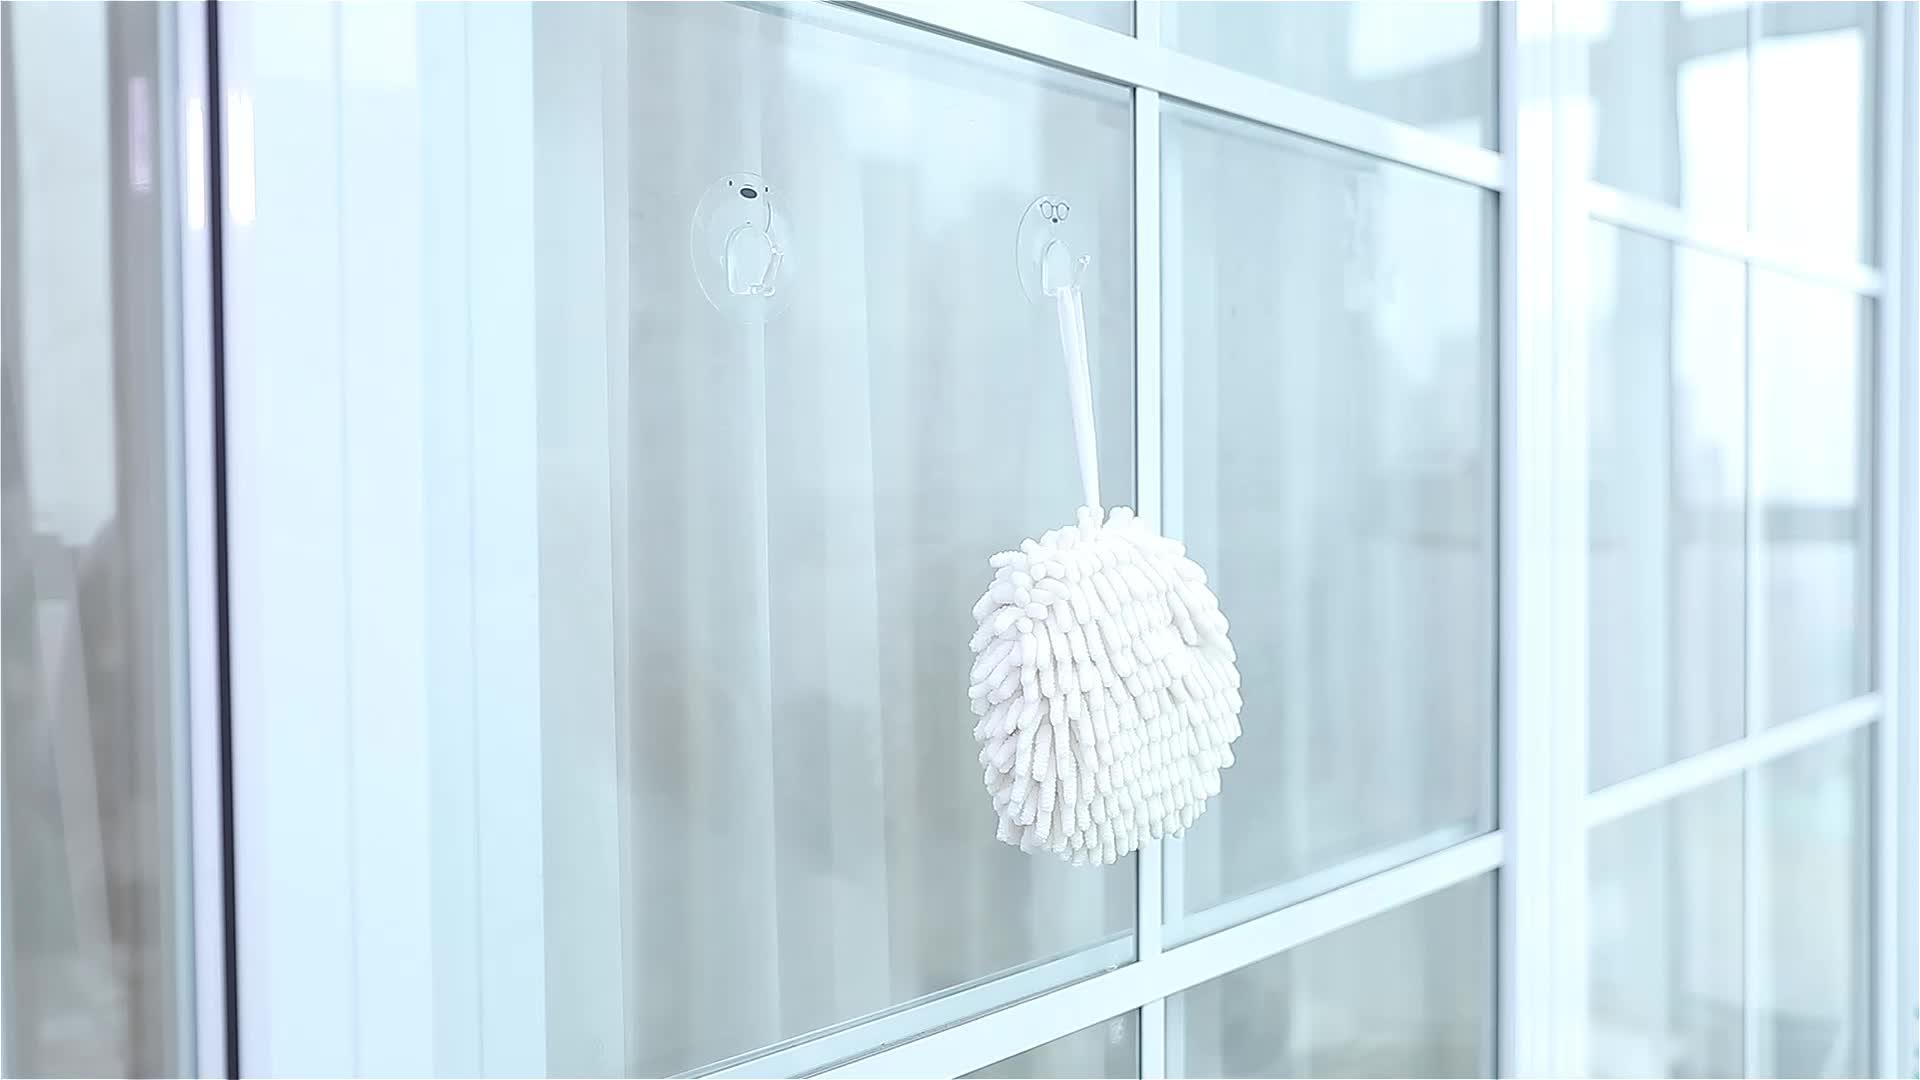 Fasola रसोई फांसी तौलिया गेंद के आकार सेनील हाथ चेहरा तौलिये बाथरूम शोषक तौलिया